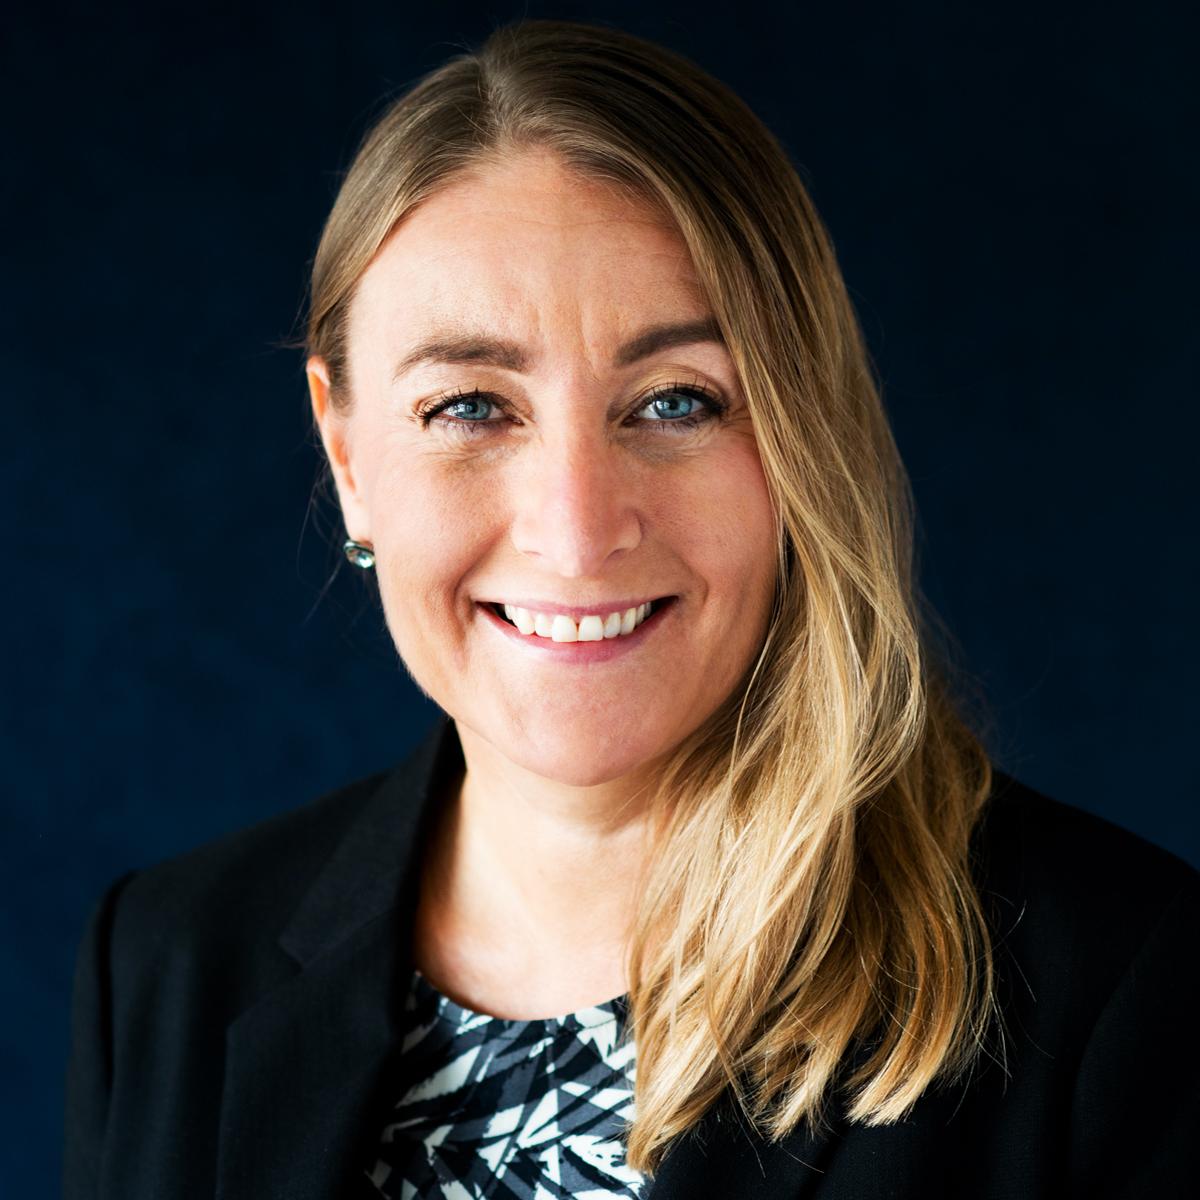 Hanne Lund-Nilsen